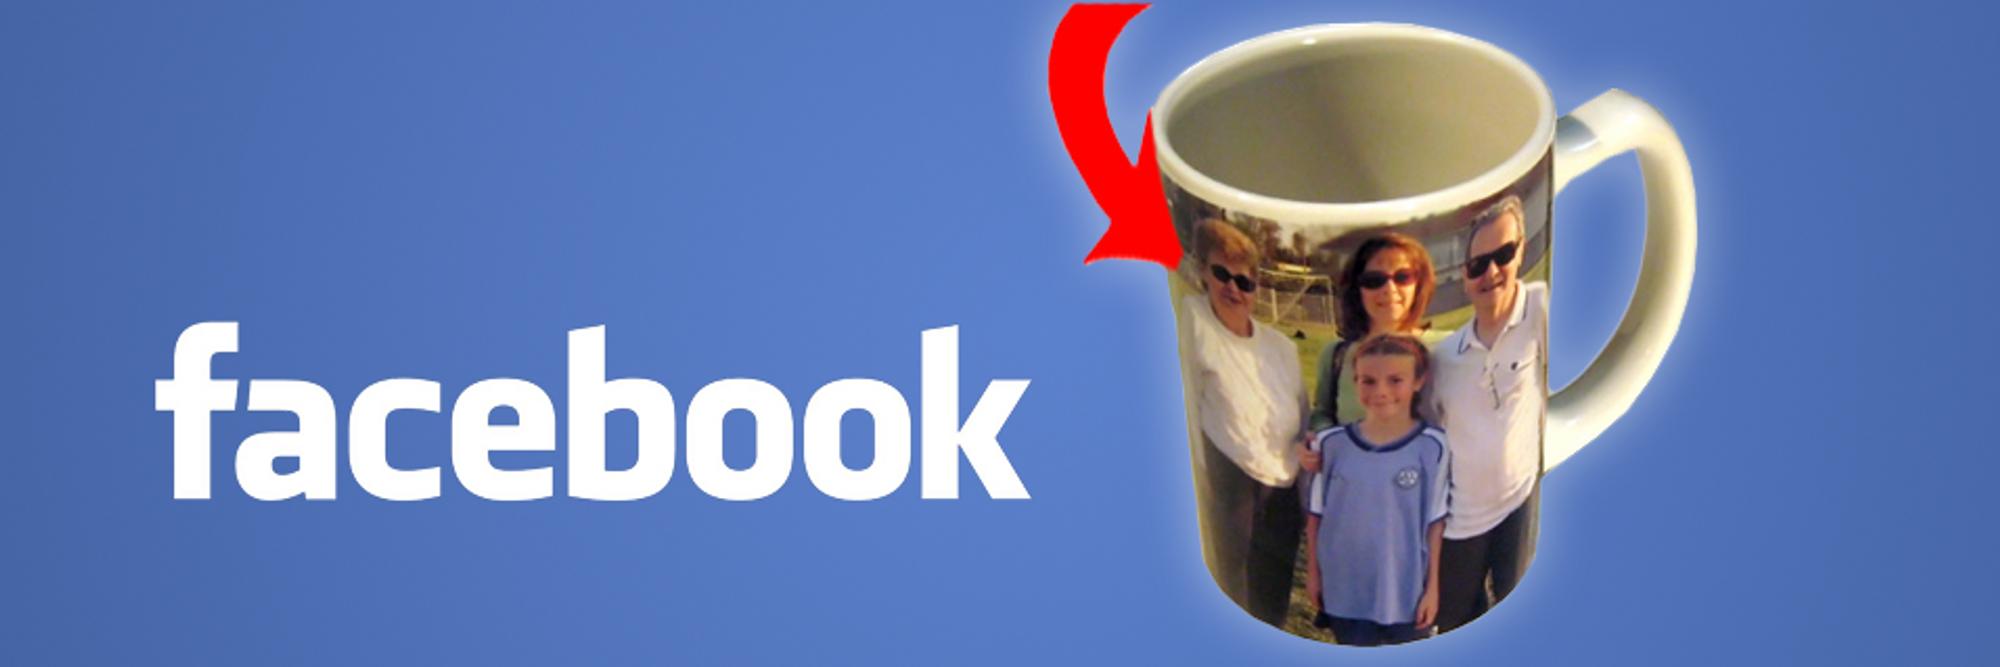 Facebook-venner kan bestille trykk av bildene dine